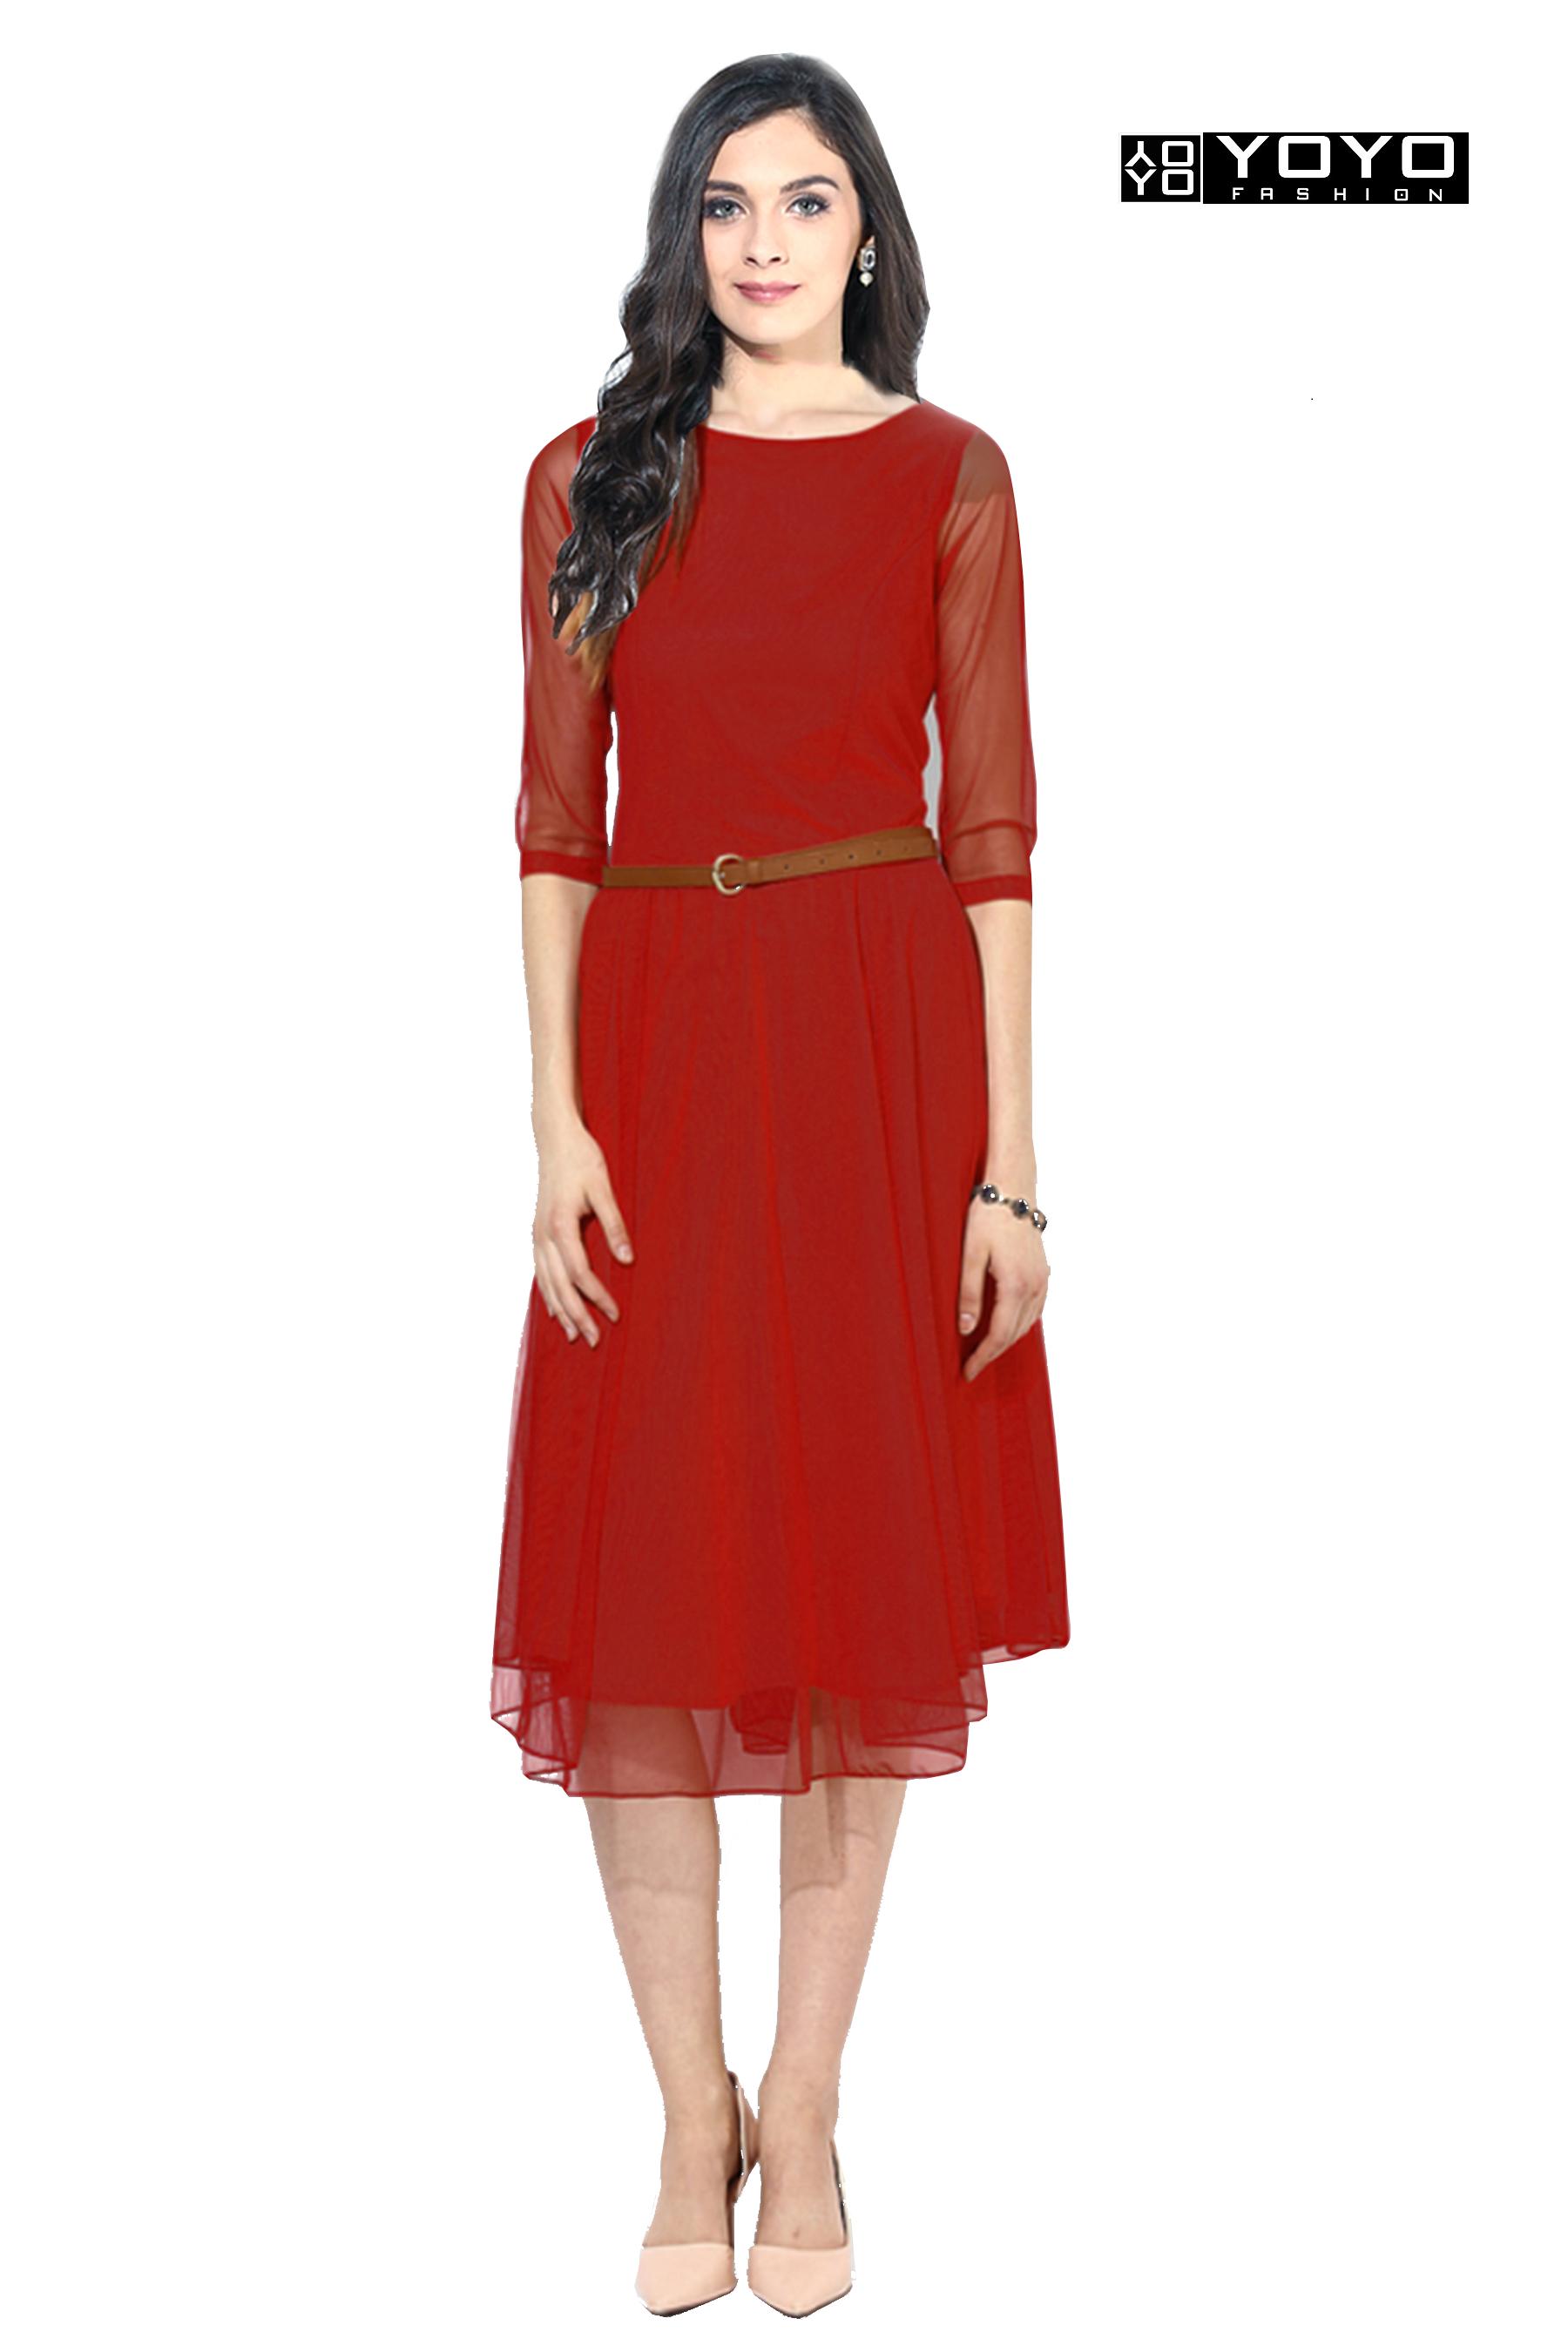 b26e4d7f48 Designer Red Western Dress-Best Ethnic Wear By